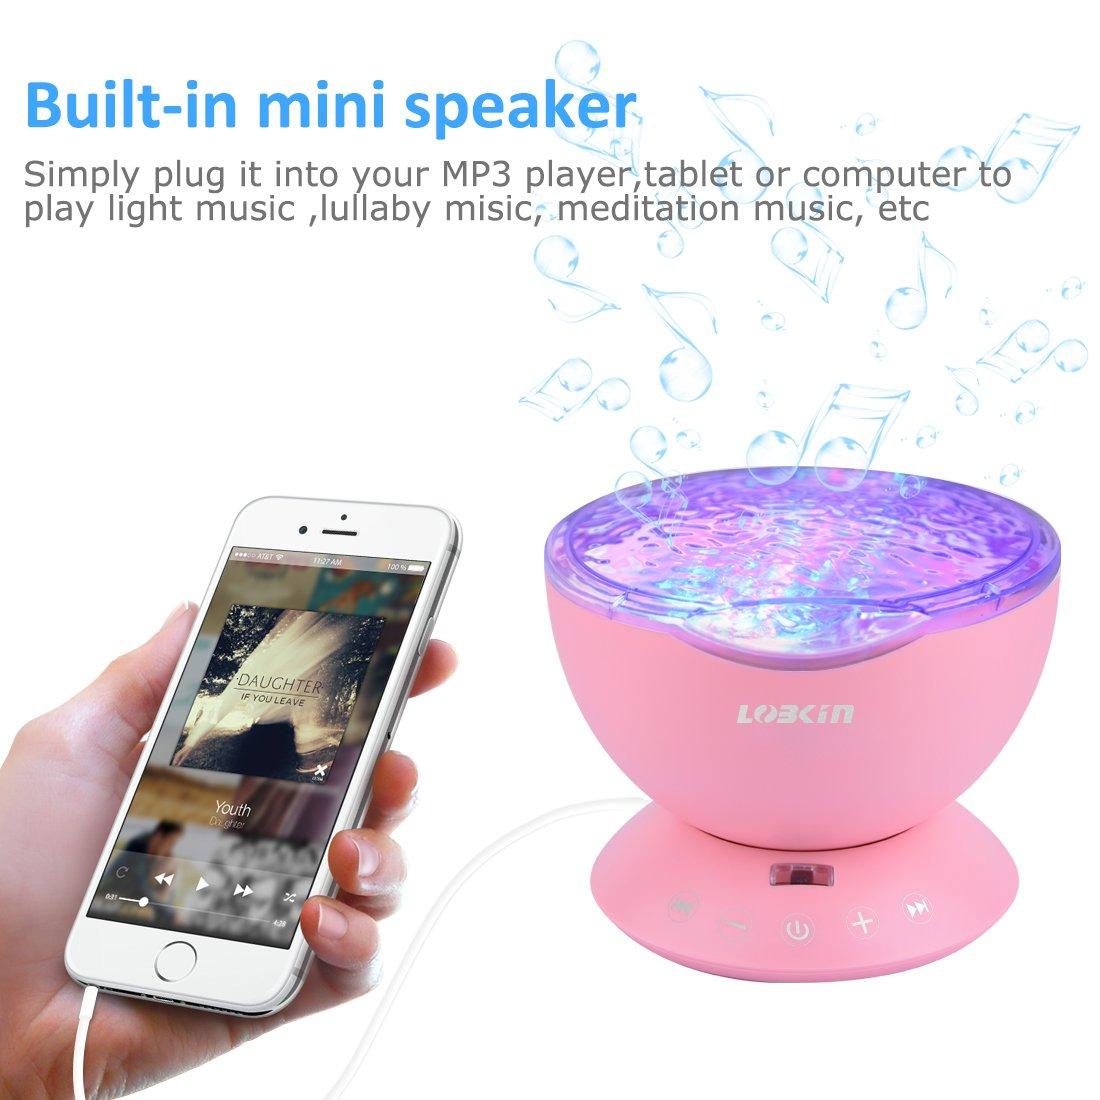 LOBKIN Ozean Wellen LED Nachtlicht-Projektor mit multifunktionaler Sensor Touch-Fernbedienung und integriertem Mini-Musikplayer/Lautsprecher (4 Melodien gespeichert) - Perfekt für Kinderzimmer, Wohnzimmer und Bad (12 LED Backlights)(Neues D